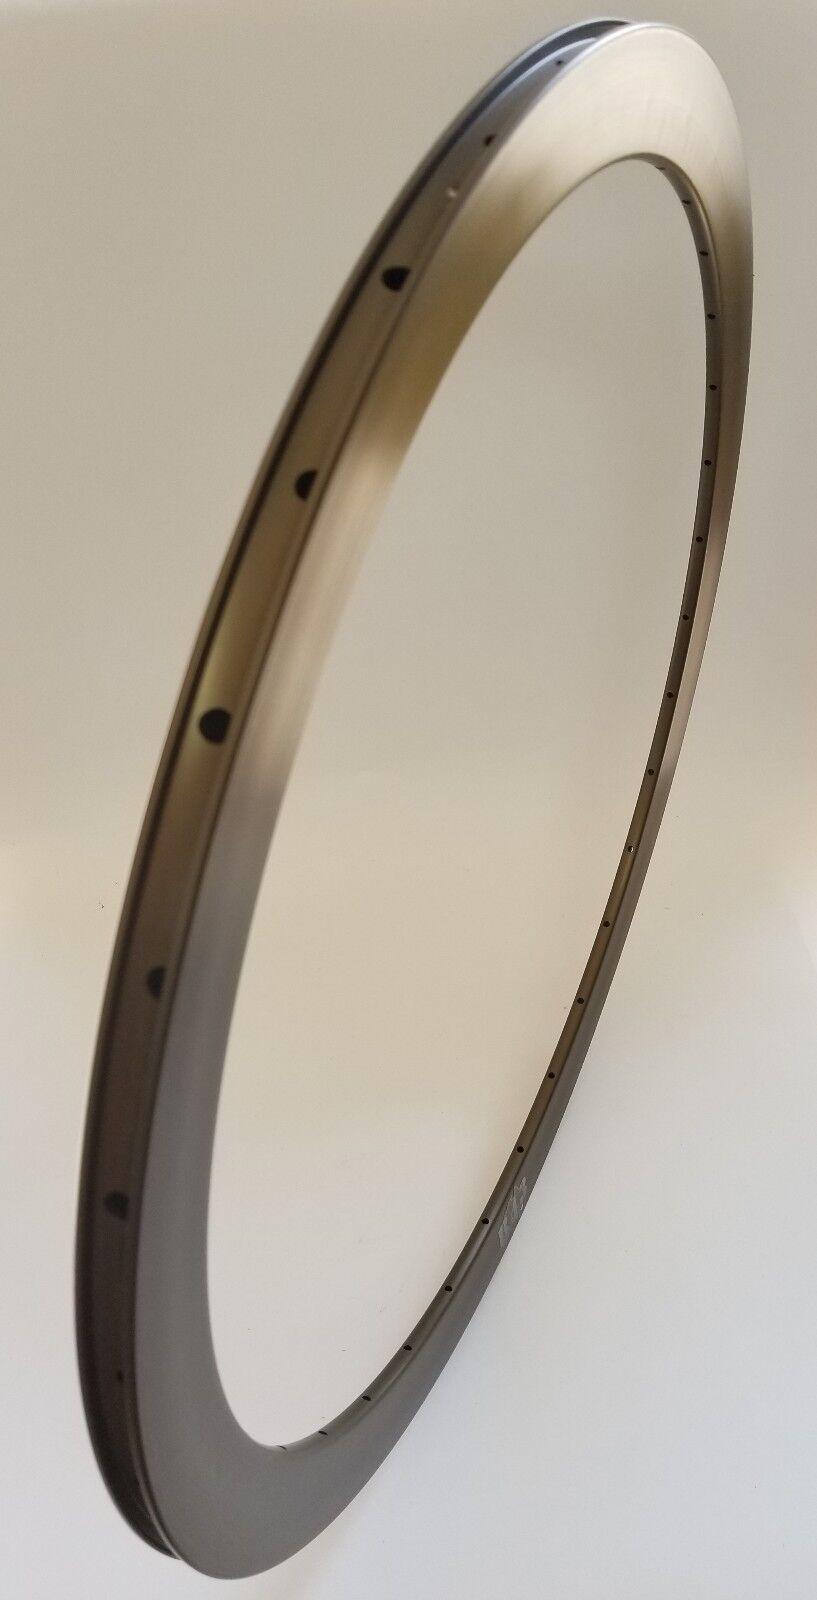 Velocity B43 Bicycle Rim,700C, Blau grau Anodized, 32 Hole, NMSW